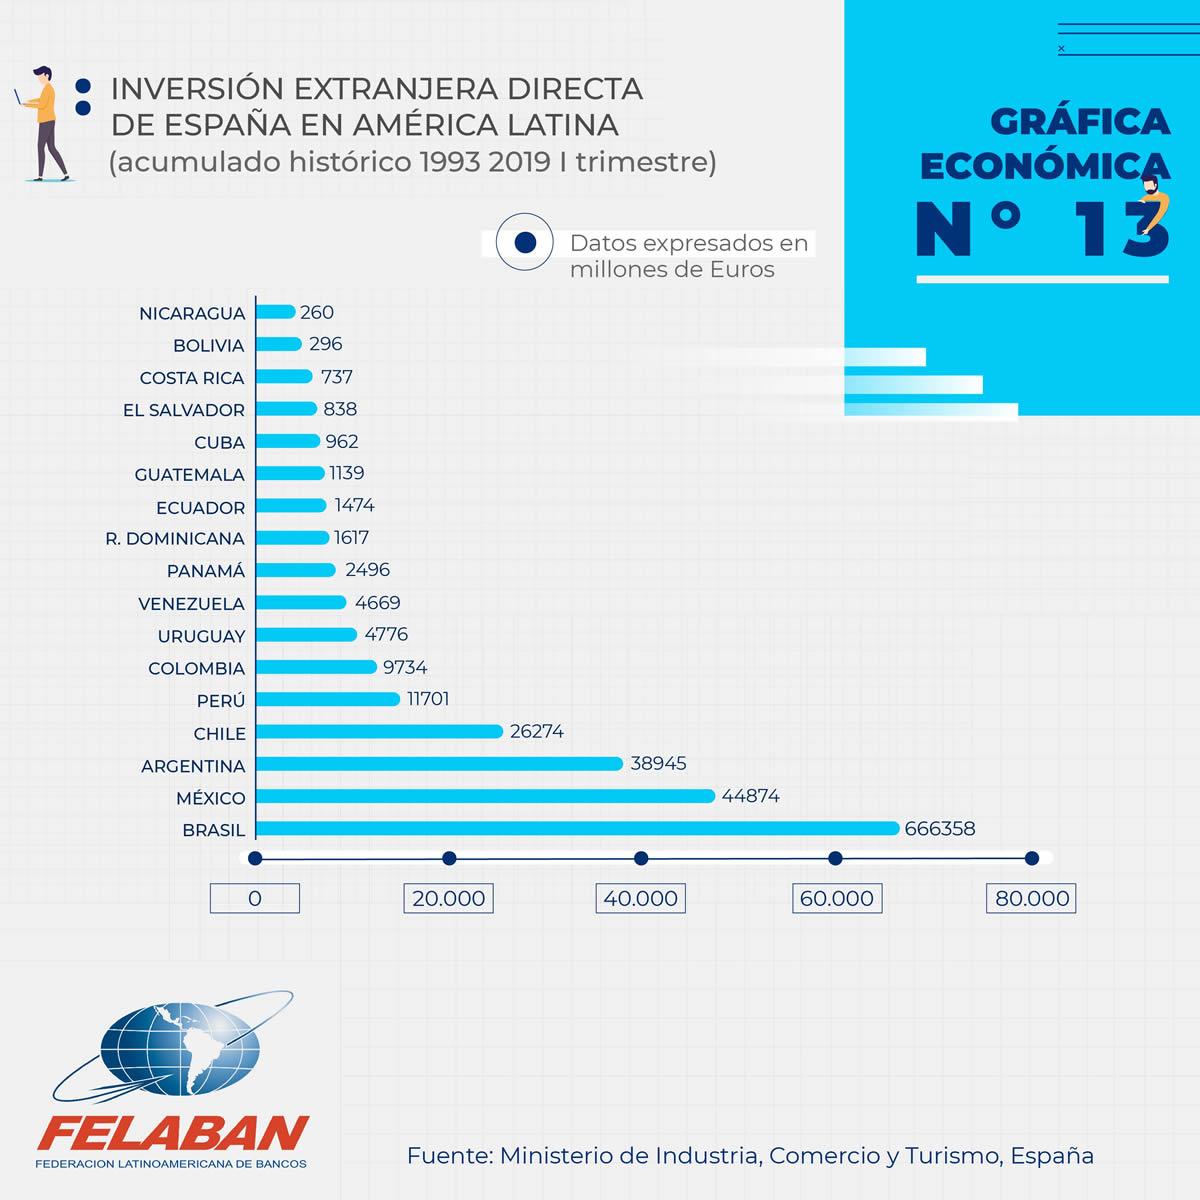 Gráfica Económica Nro 13-1 - Inversión Extranjera Directa de España en América Latina